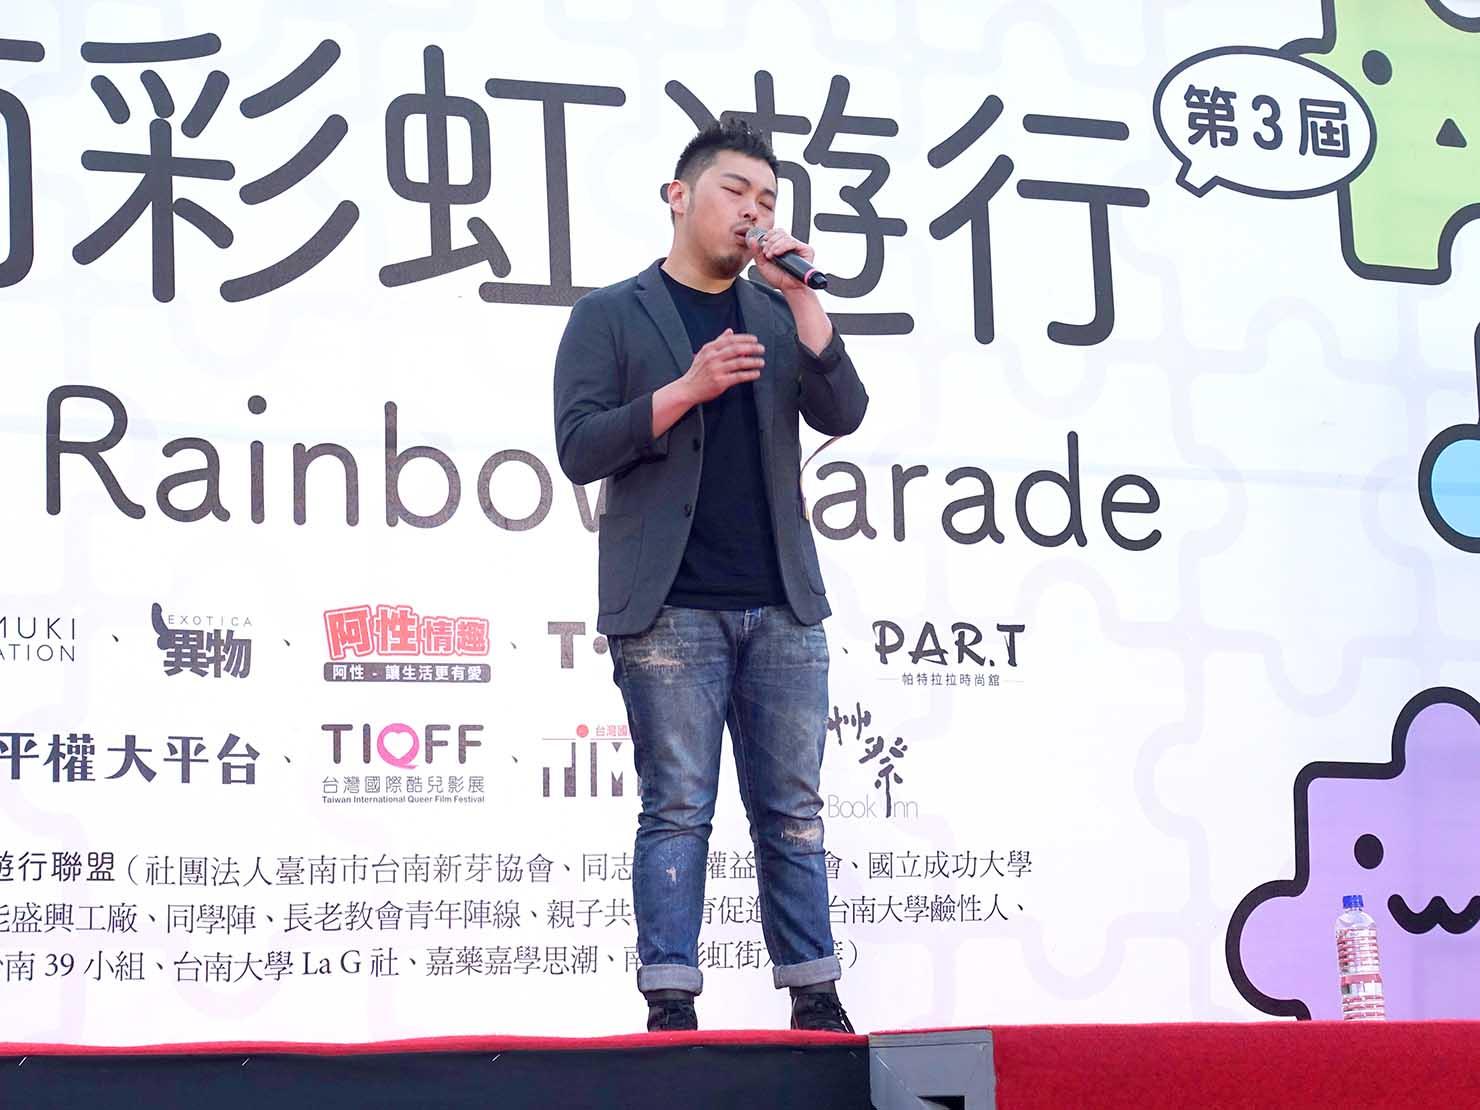 2018年台湾最初のLGBTプライド「台南彩虹遊行(台南レインボーパレード)」ステージでミニライブを行う徐逸超さん